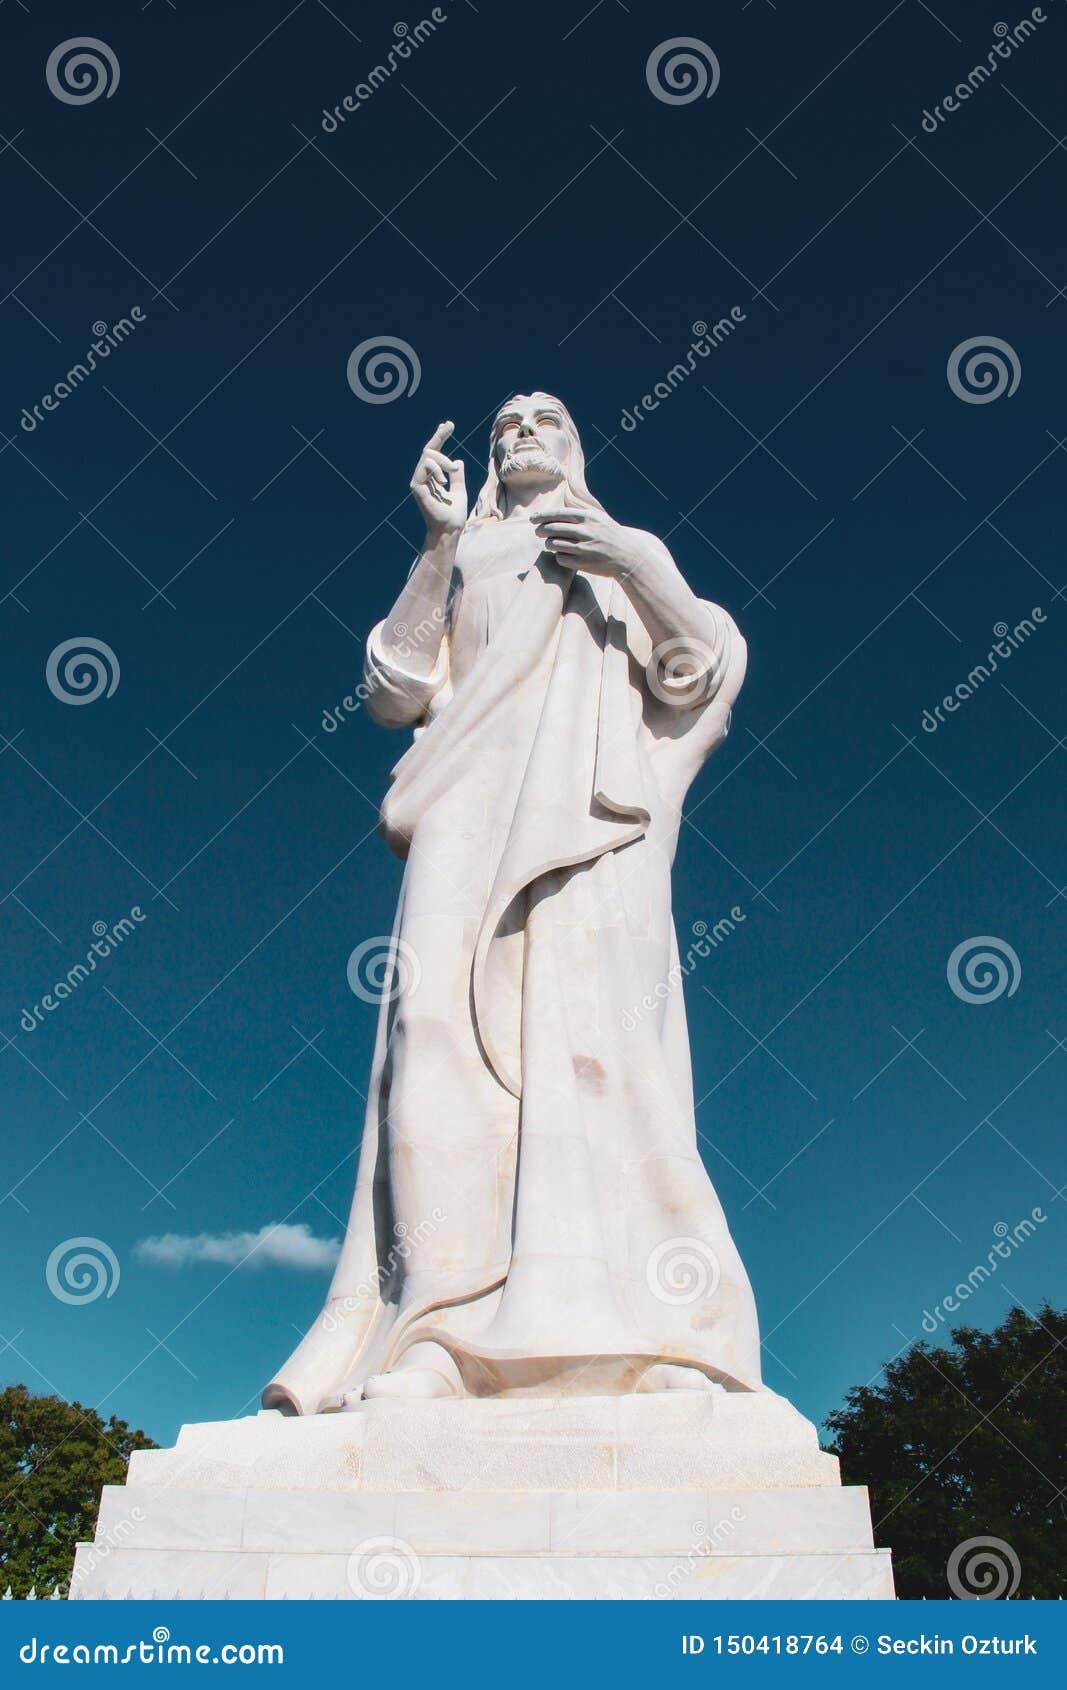 Chrystus statua w Hawa?skim, Kuba